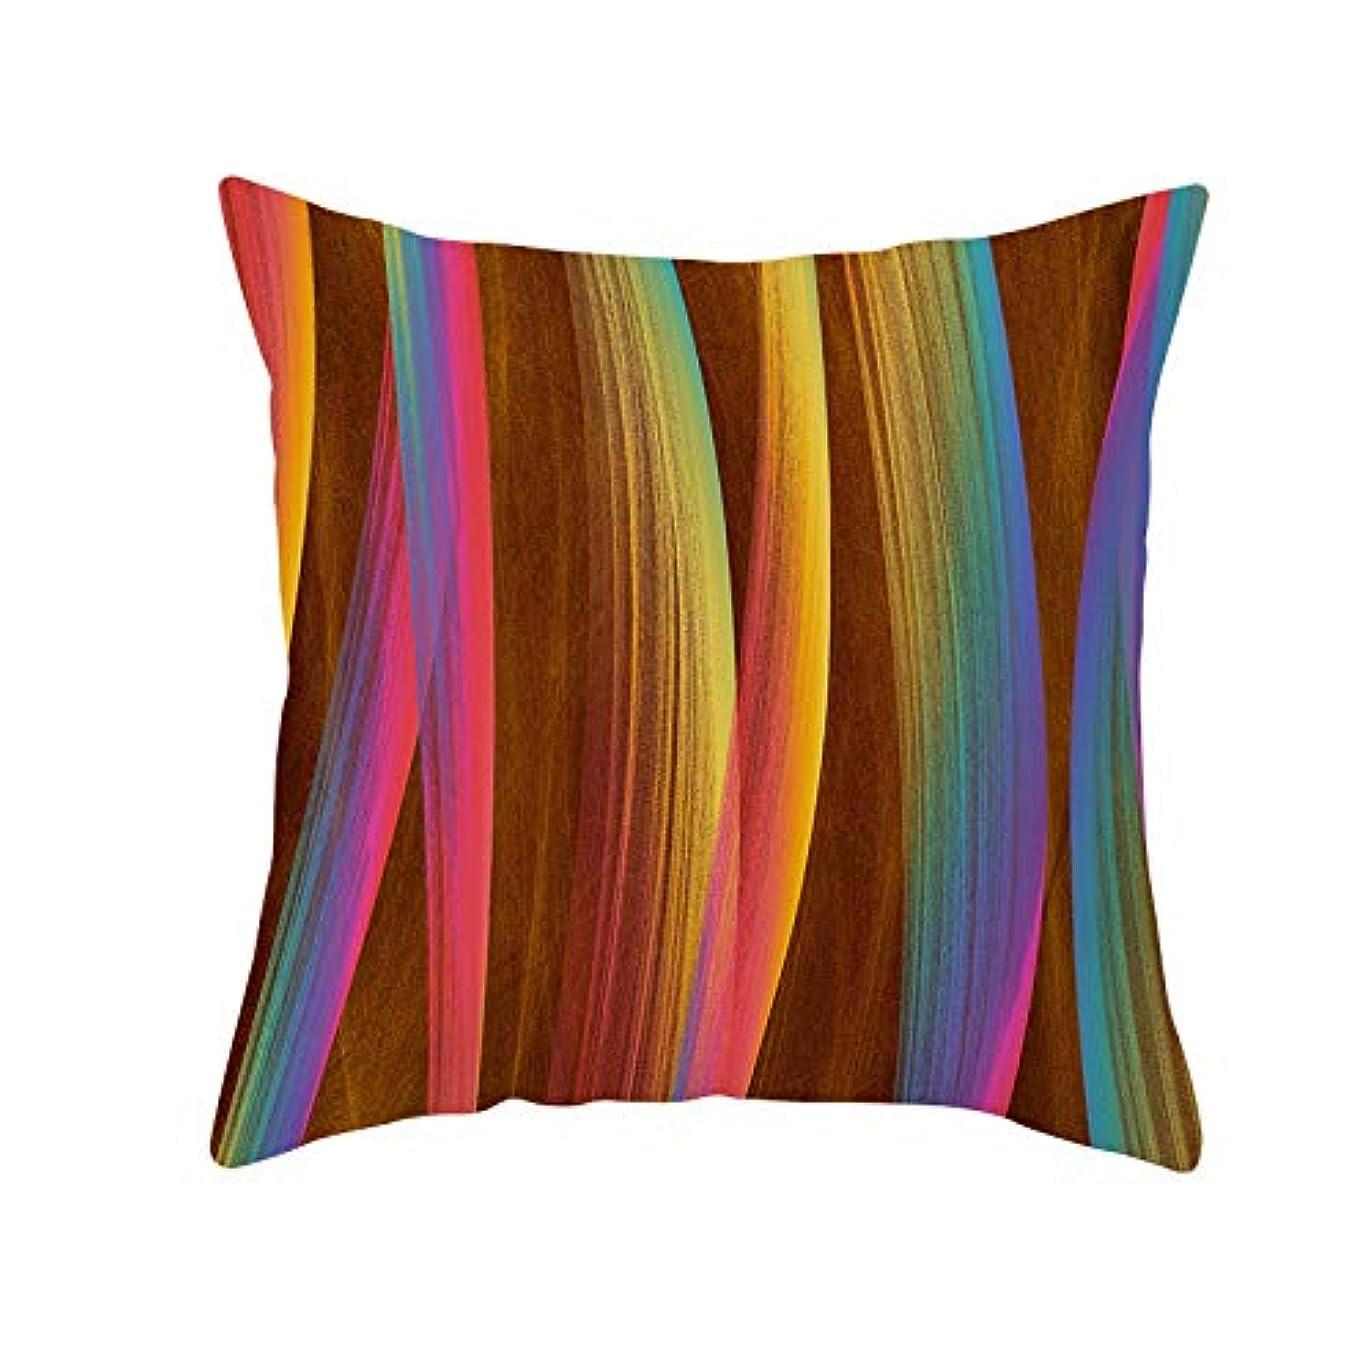 無効にするシャッター副詞LIFE 装飾クッションソファ 幾何学プリントポリエステル正方形の枕ソファスロークッション家の装飾 coussin デ長椅子 クッション 椅子